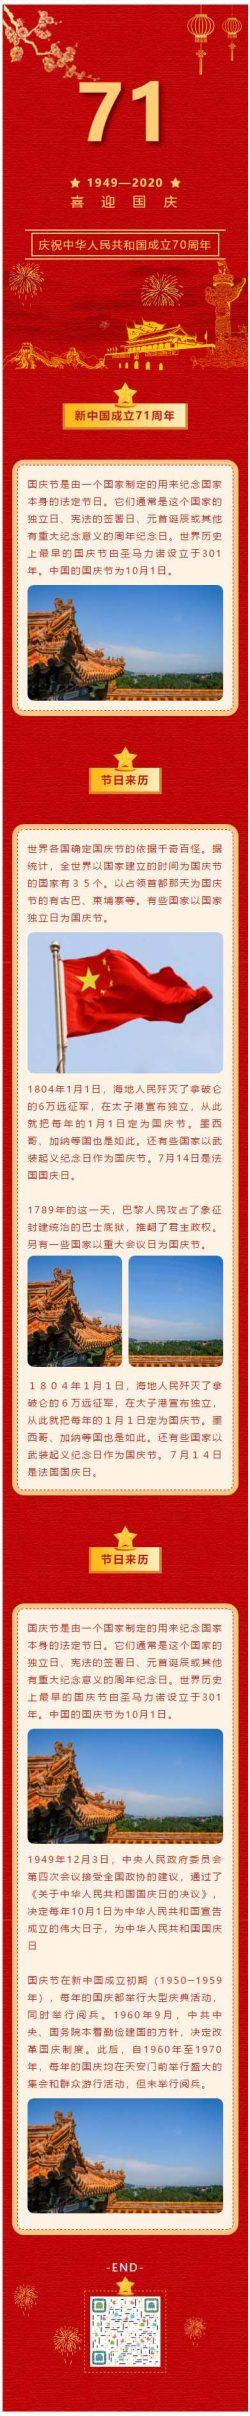 2021国庆节庆祝中华人民共和国成立71周年红色背景动态背景烟花微信公众号推文模板推送素材